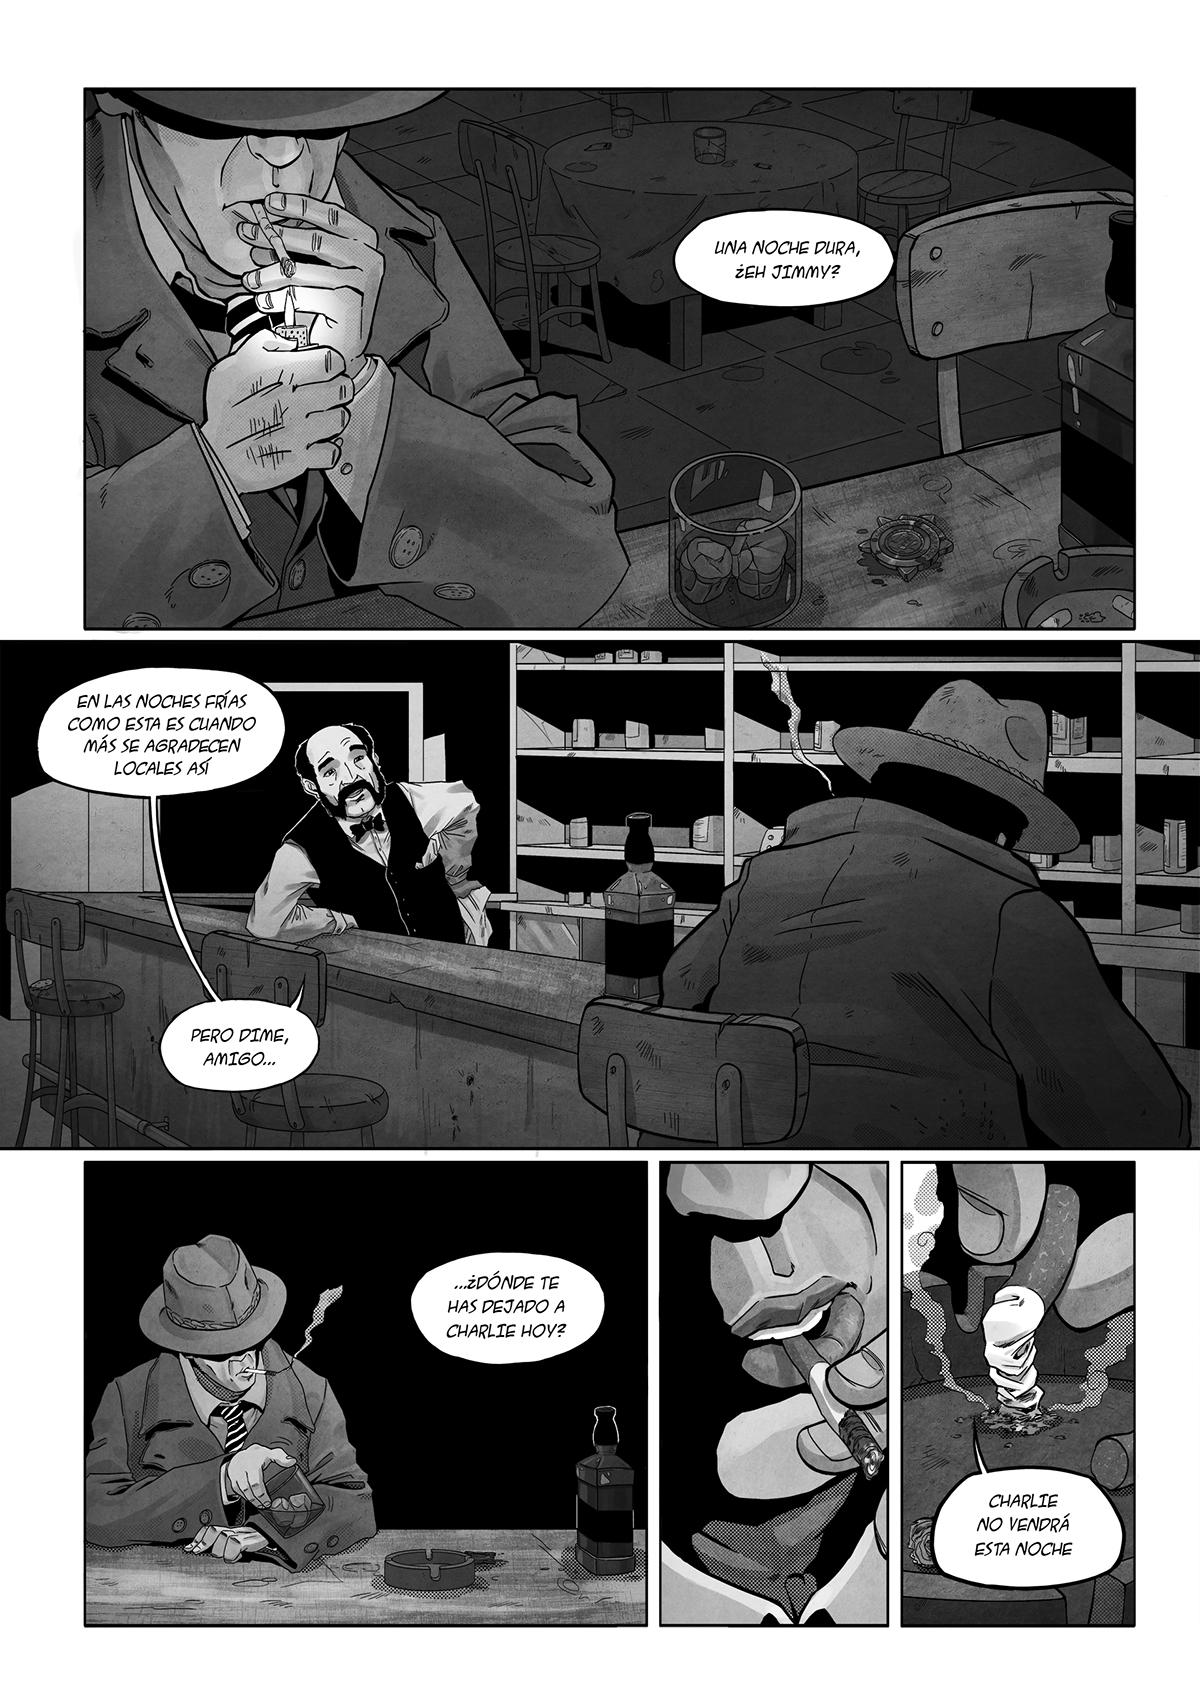 comic noir ilustration Character design  composition